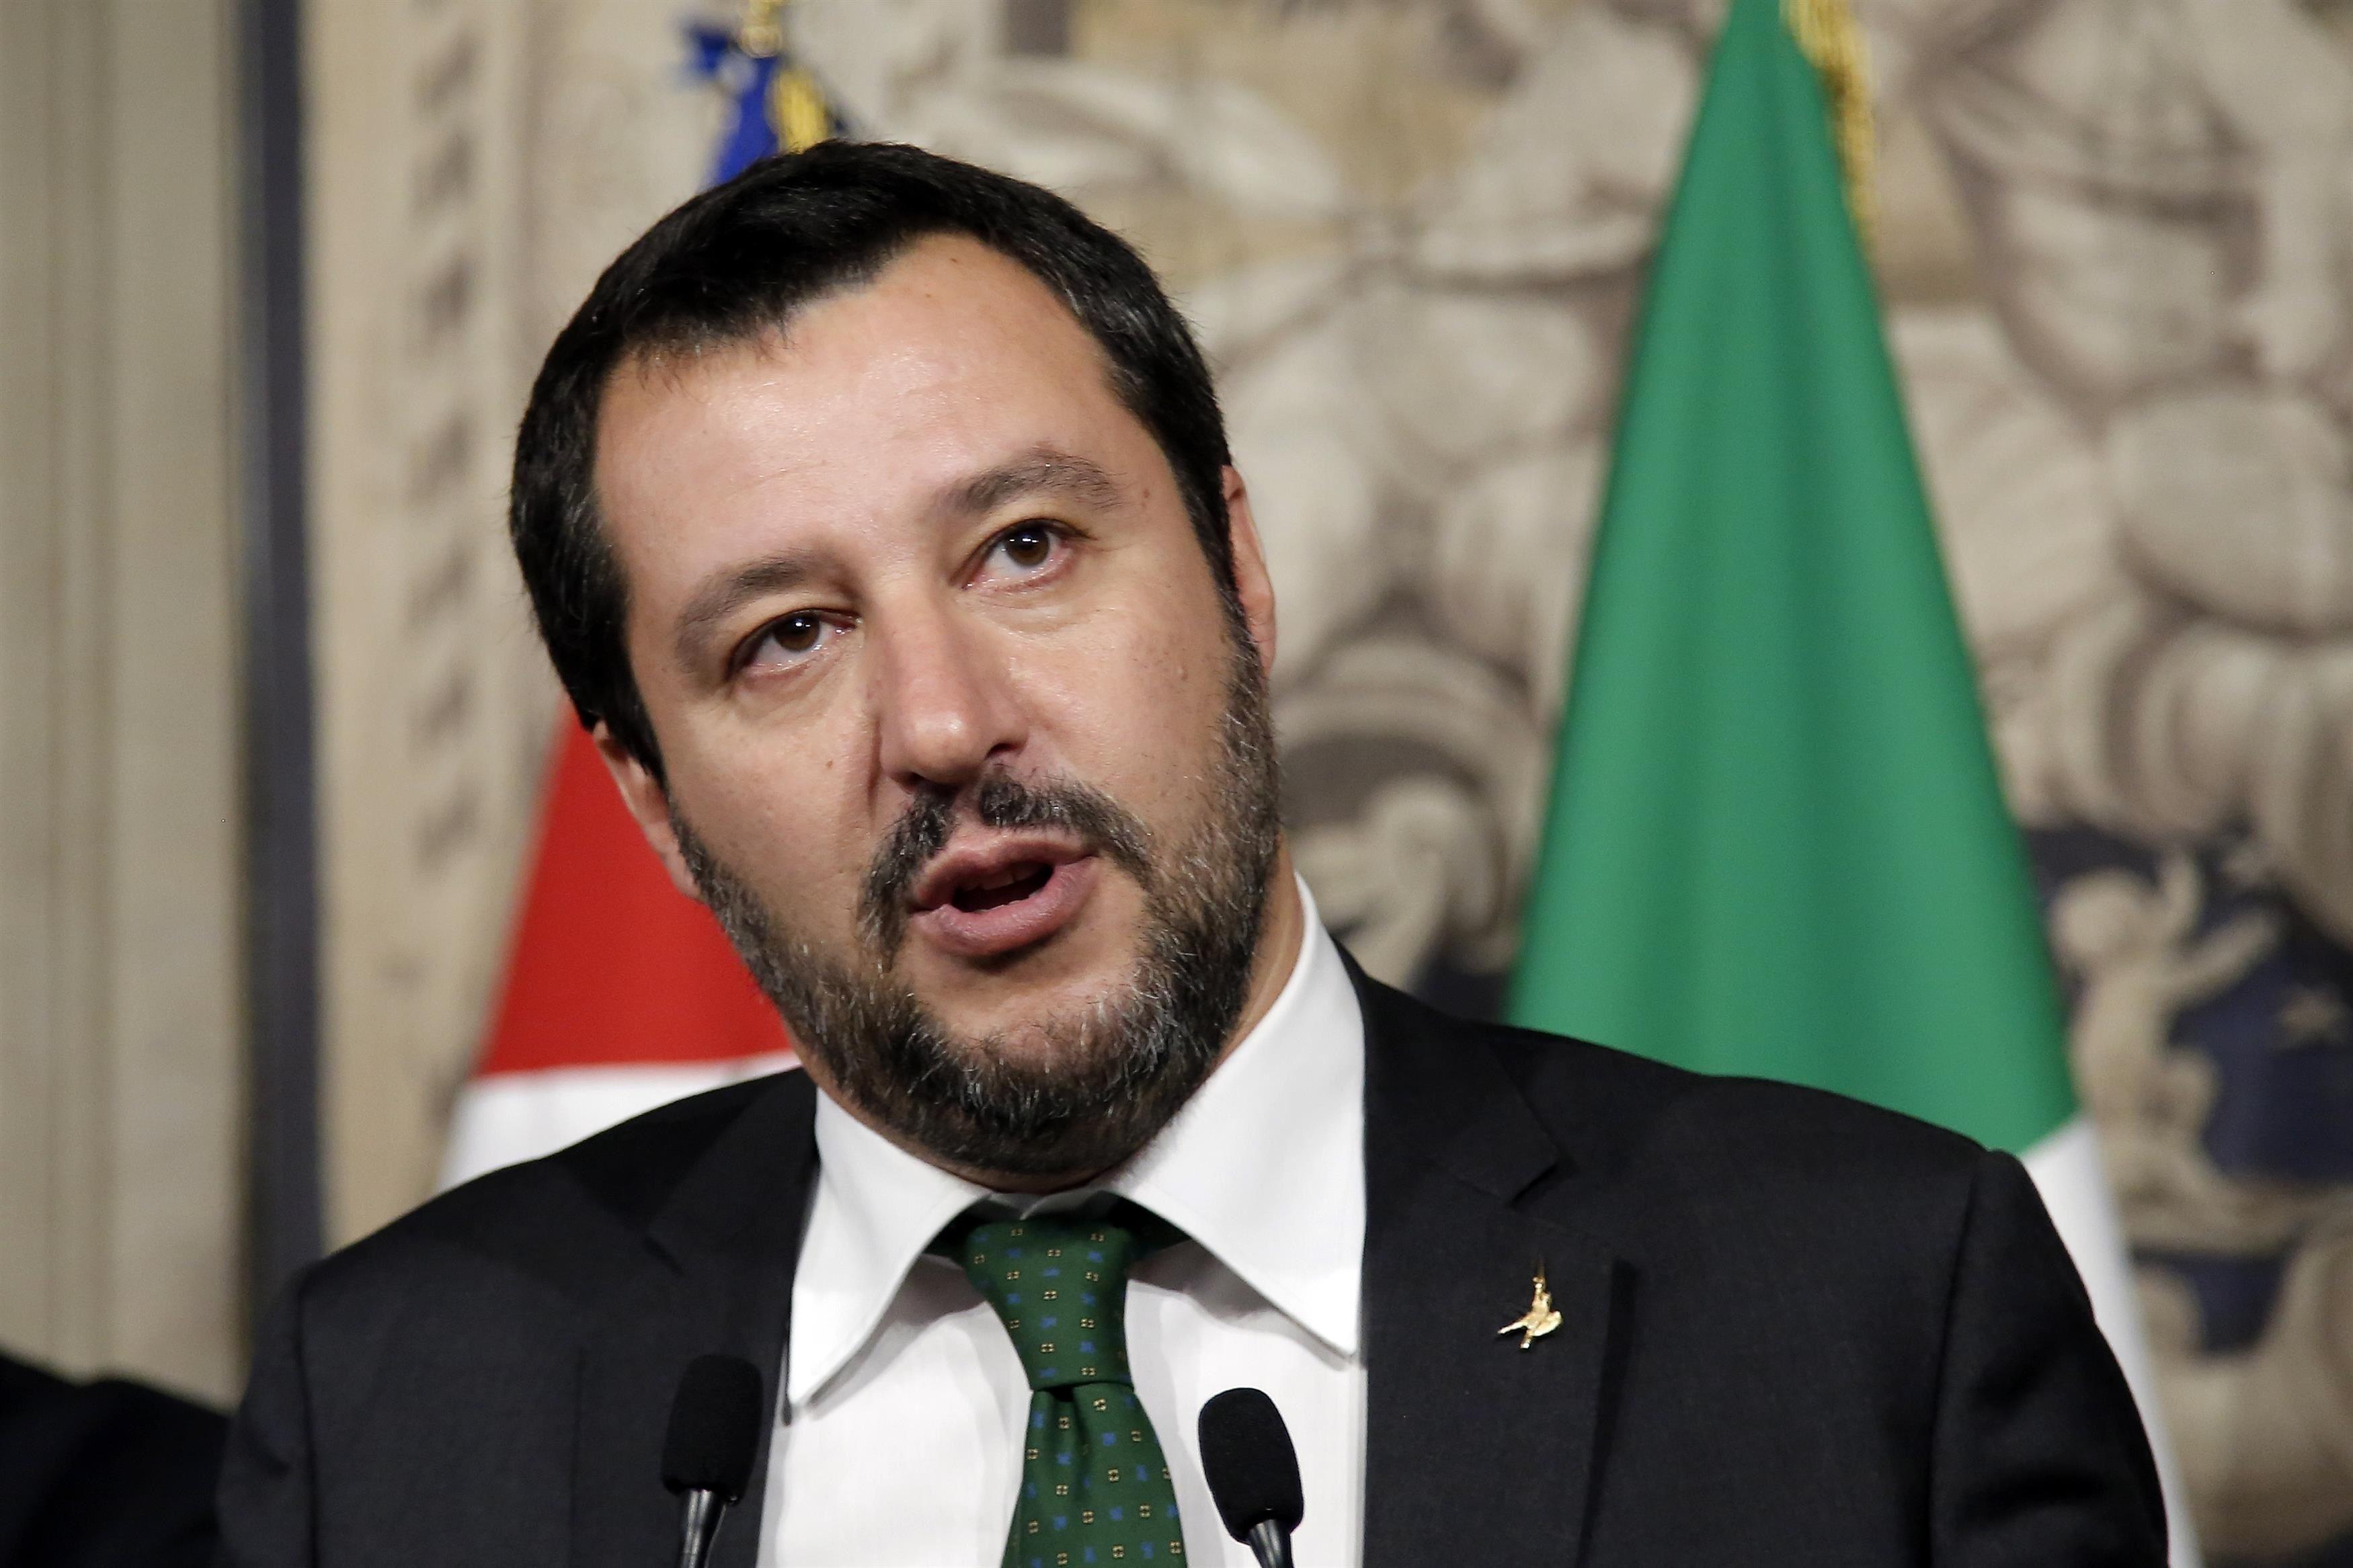 Ministrul italian de interne Matteo Salvini a fost declarat persona non grata pe teritoriul unei insule spaniole